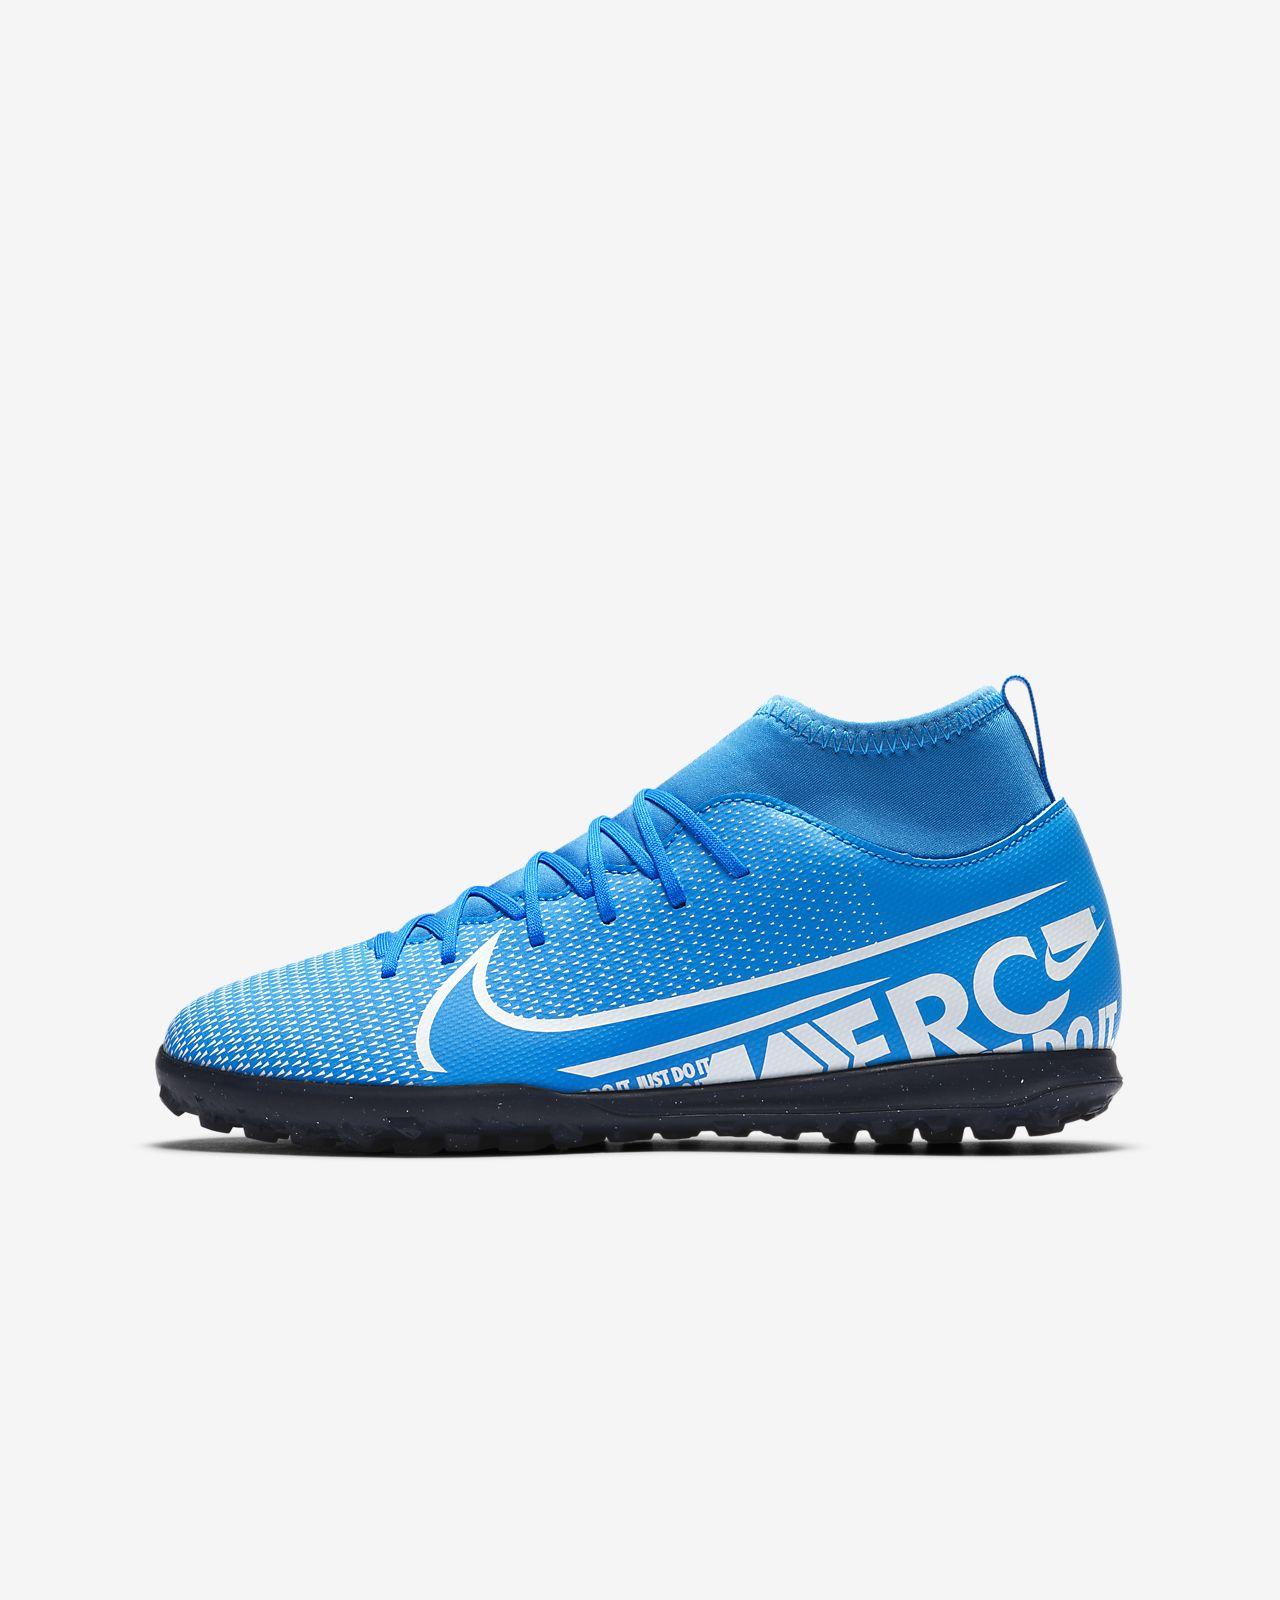 Fotbollssko för grus/turf Nike Jr. Mercurial Superfly 7 Club TF för barn/ungdom